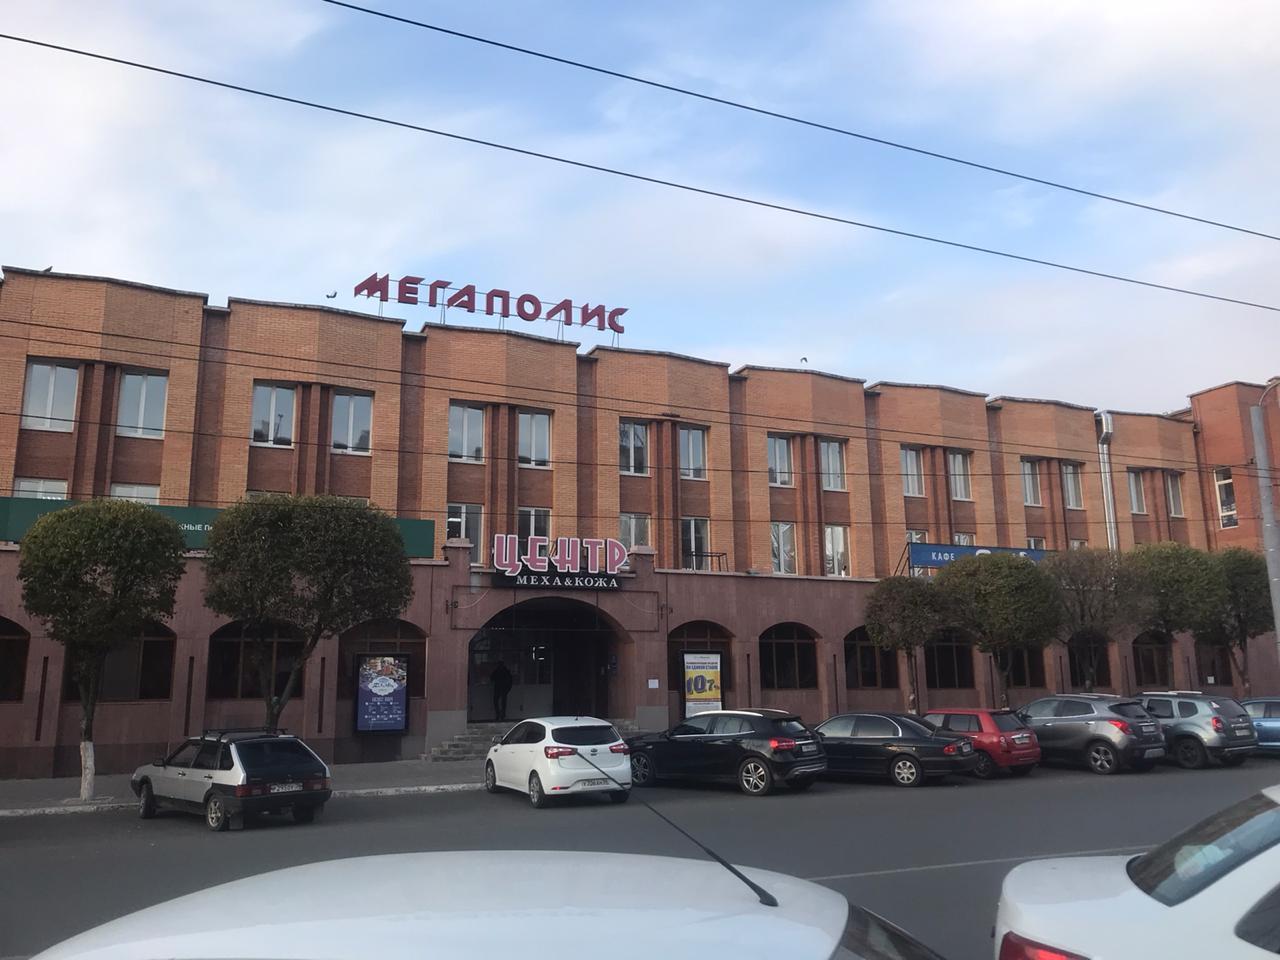 Меховой салон в Оренбурге